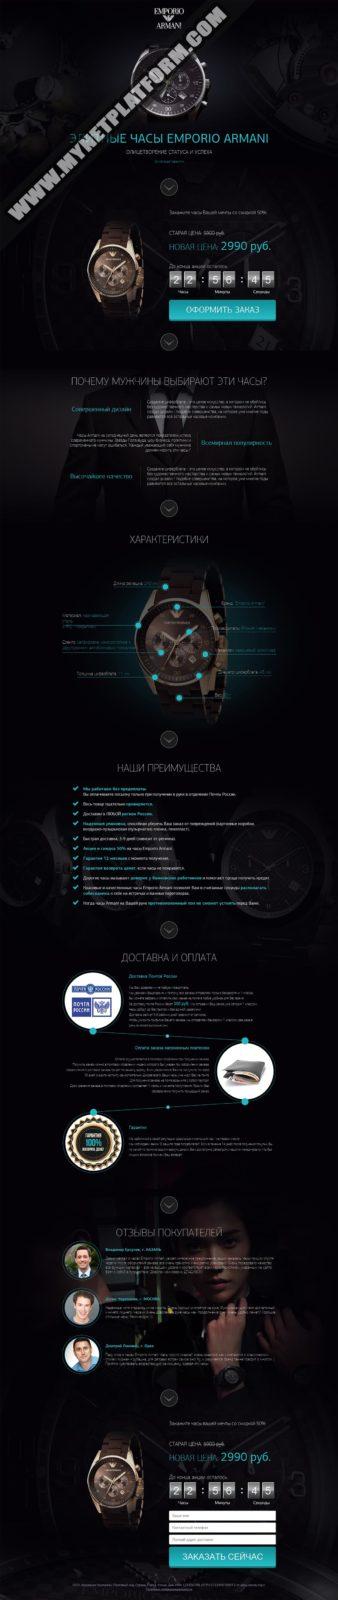 Скриншот готового лендинга для товара Стильные часы Emporio Armani